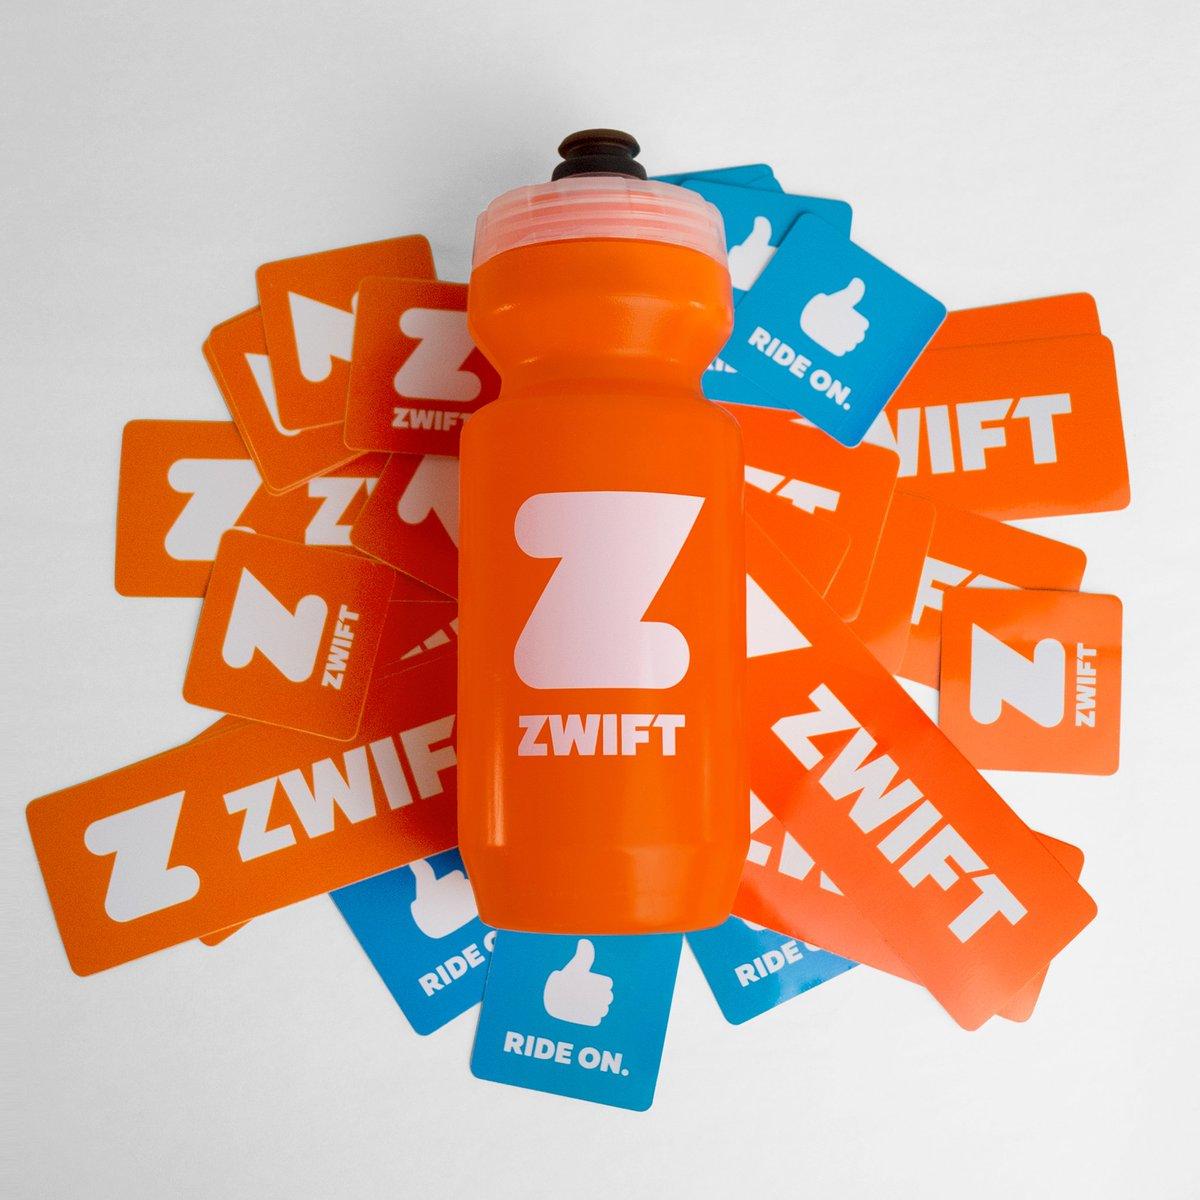 Zwift on Twitter: